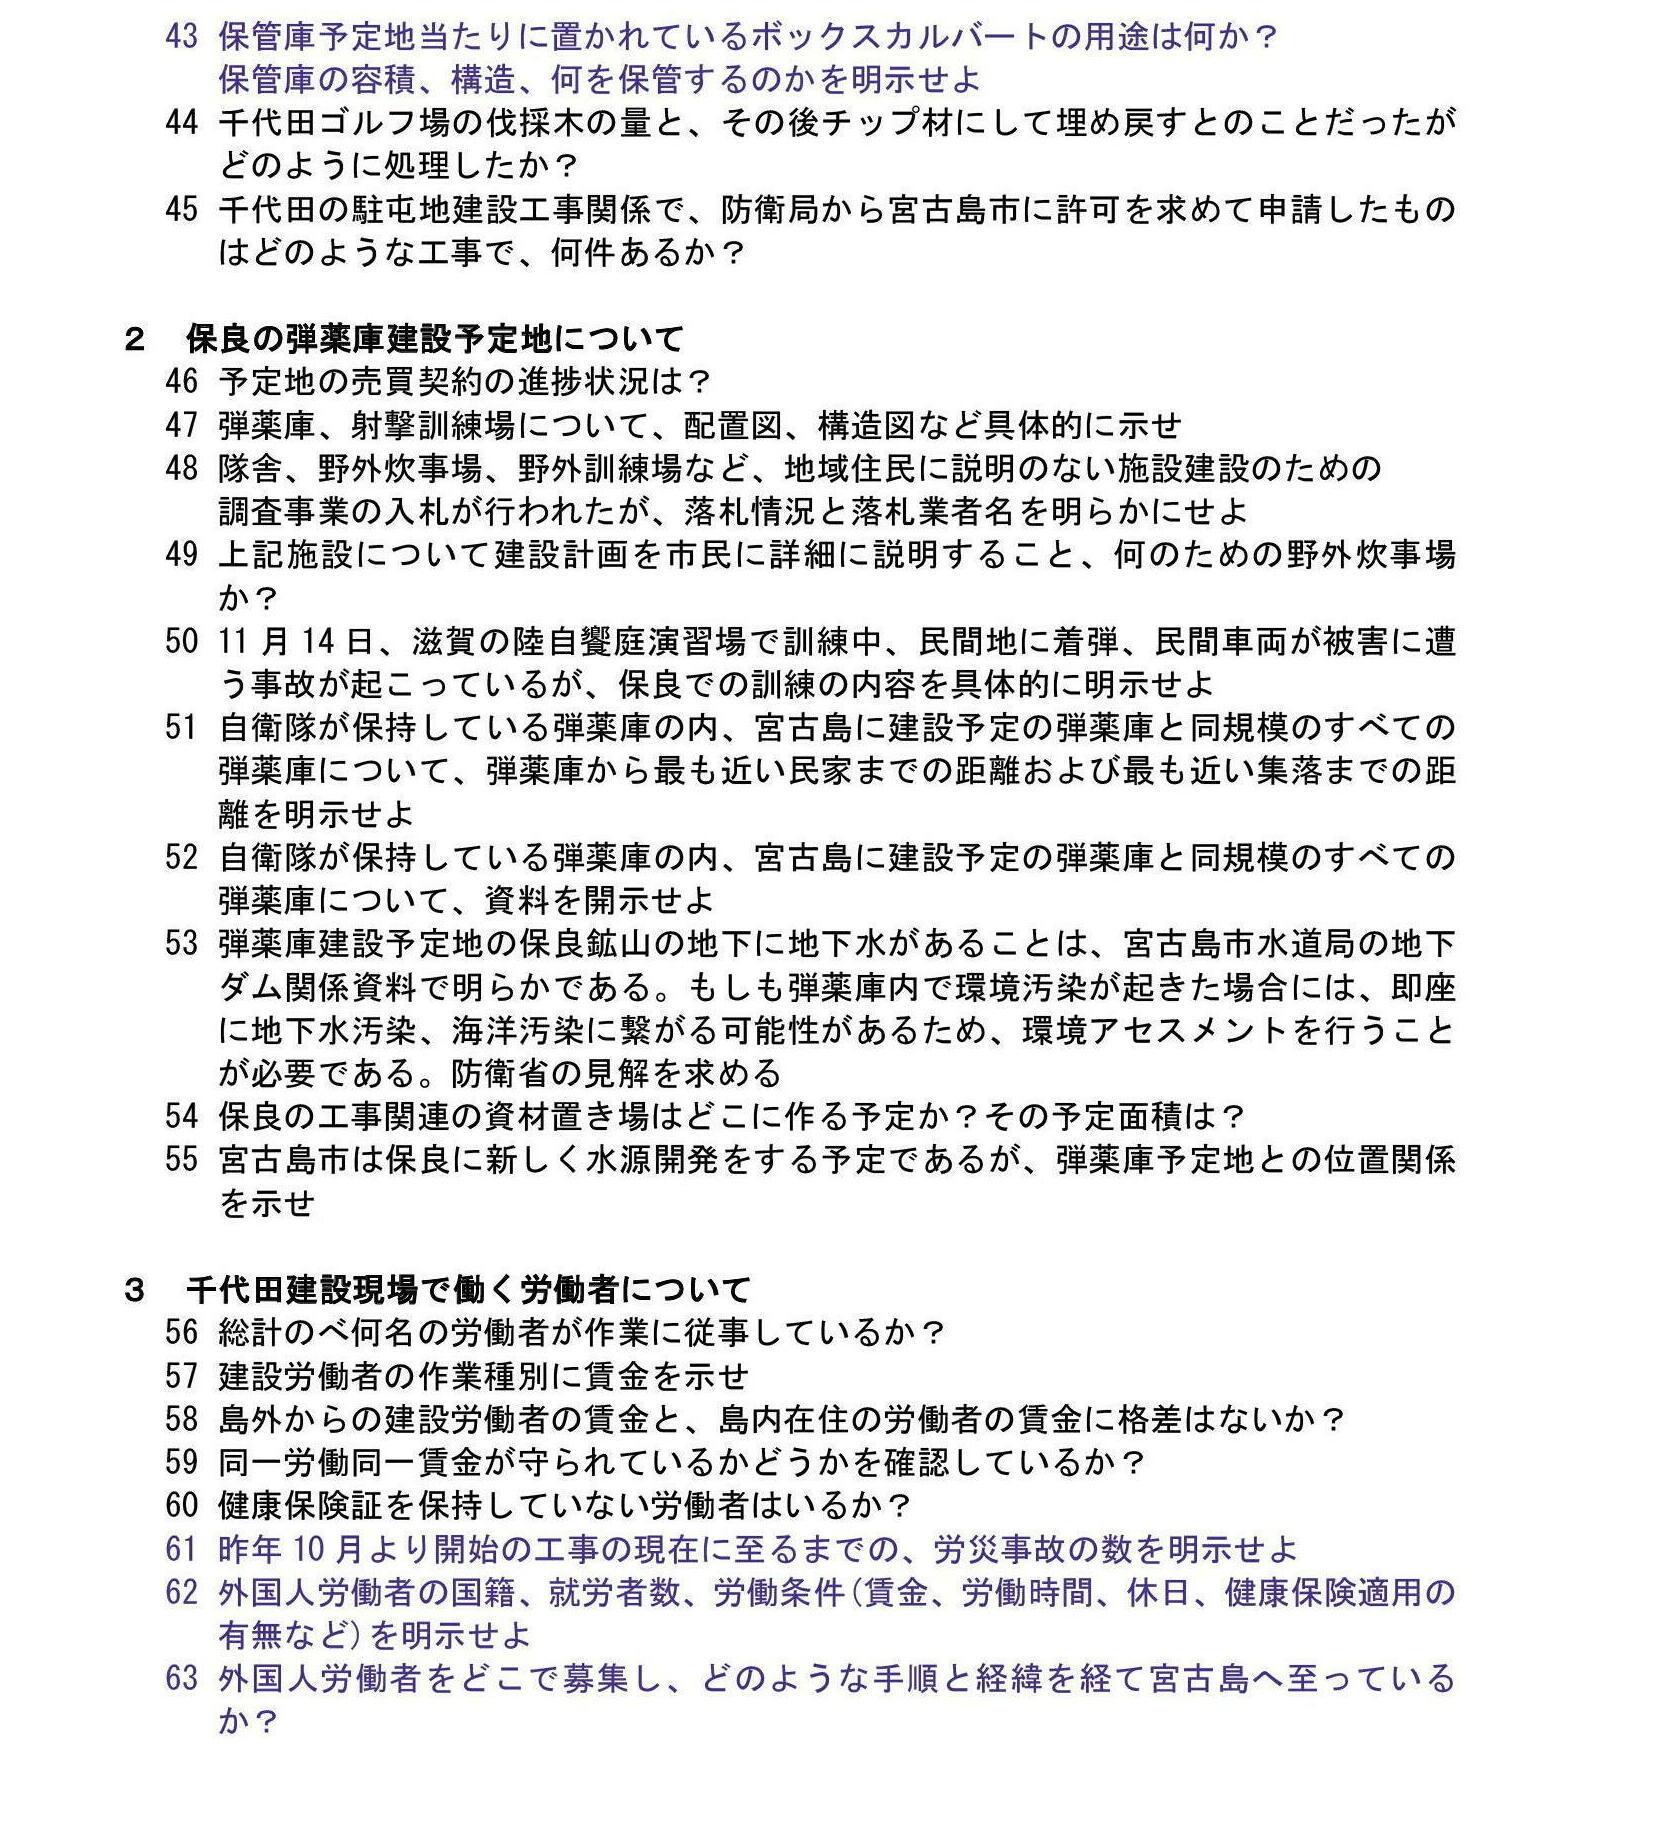 沖縄防衛局あて質問事項0003b